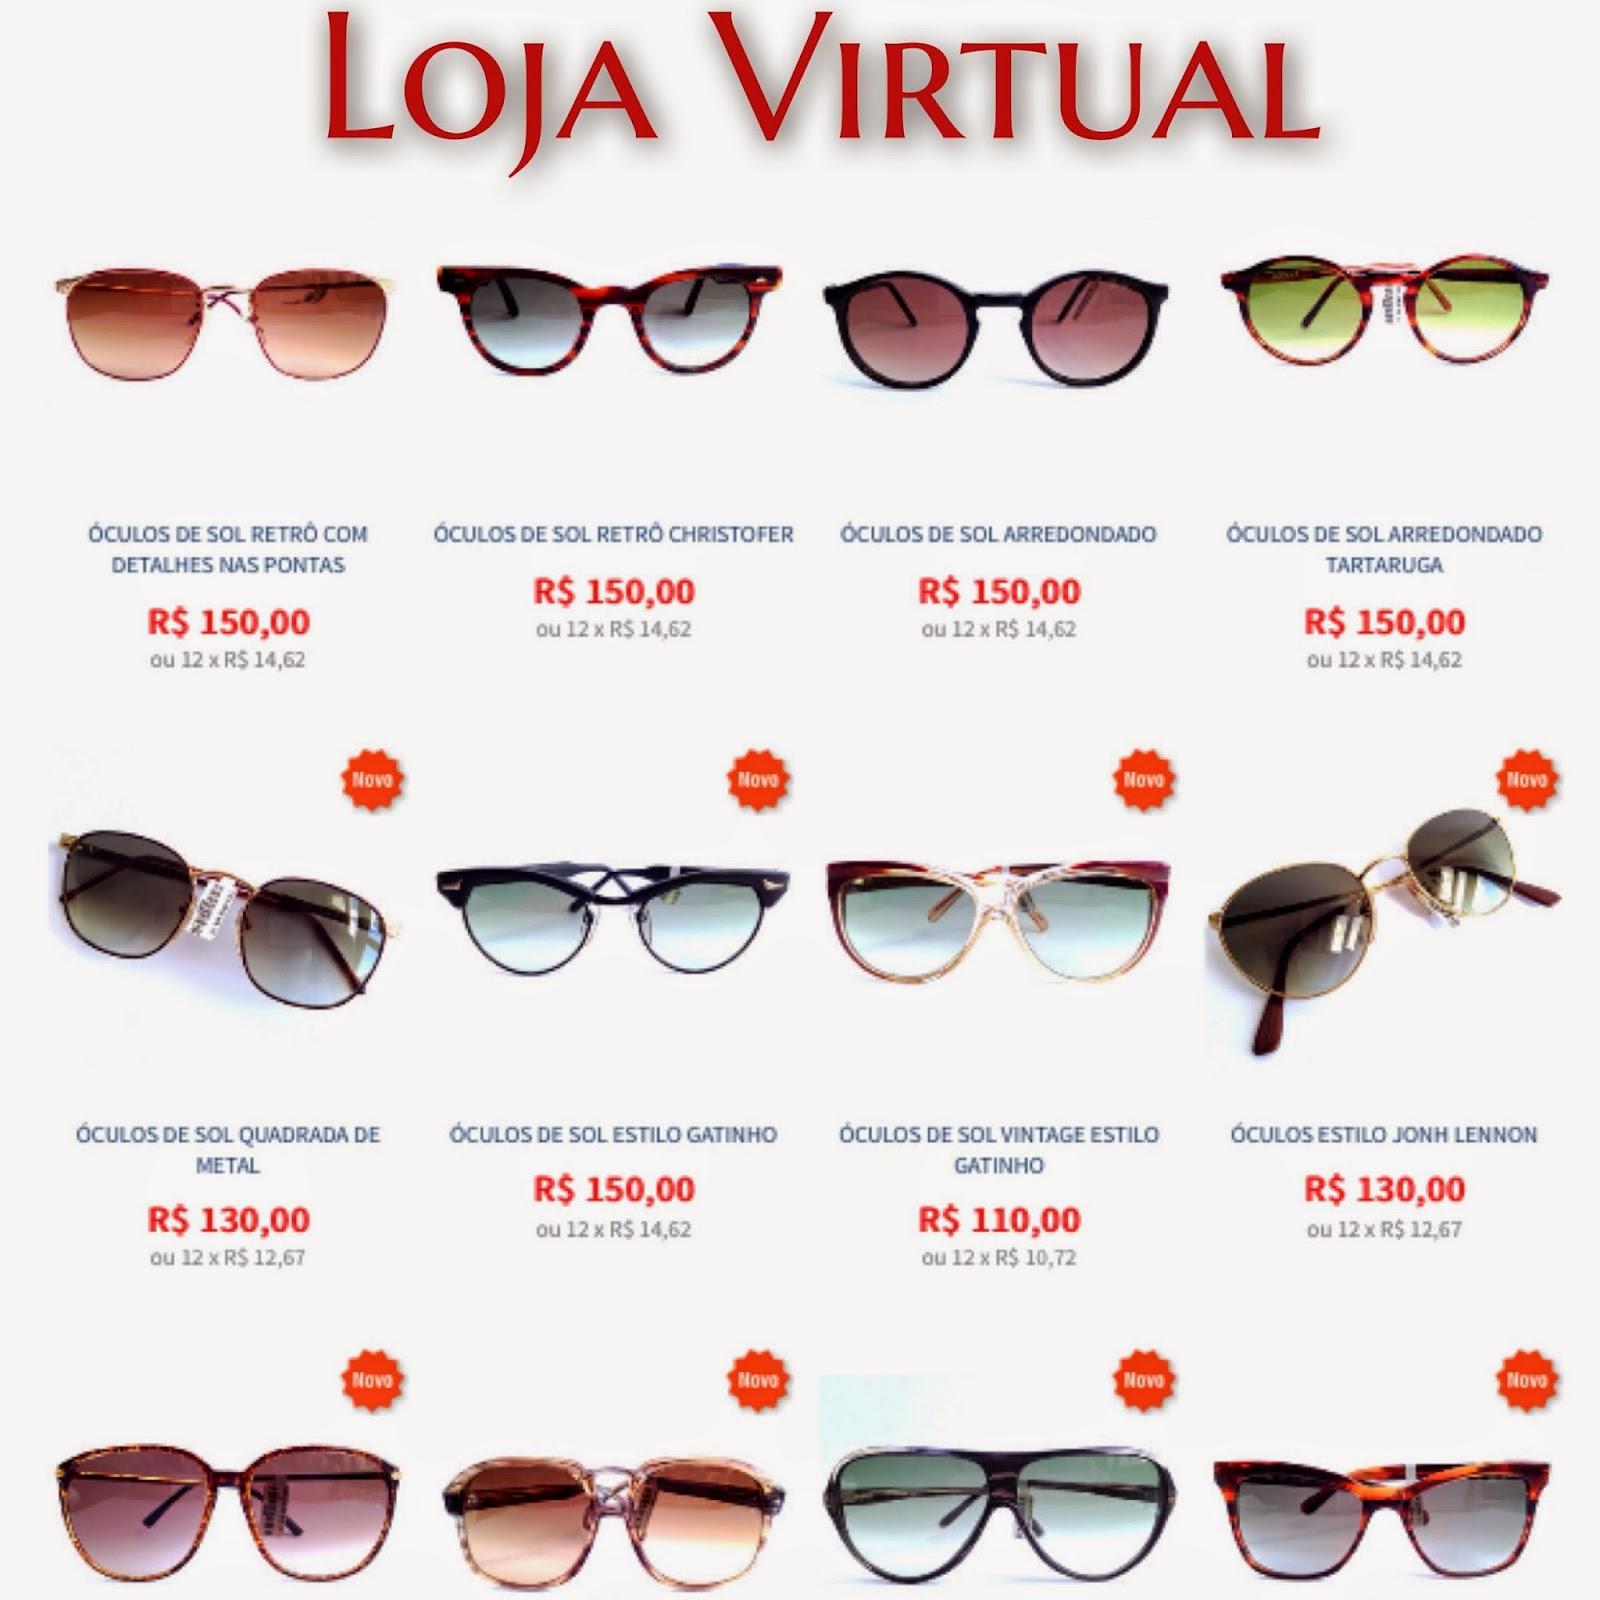 Loja Virtual: